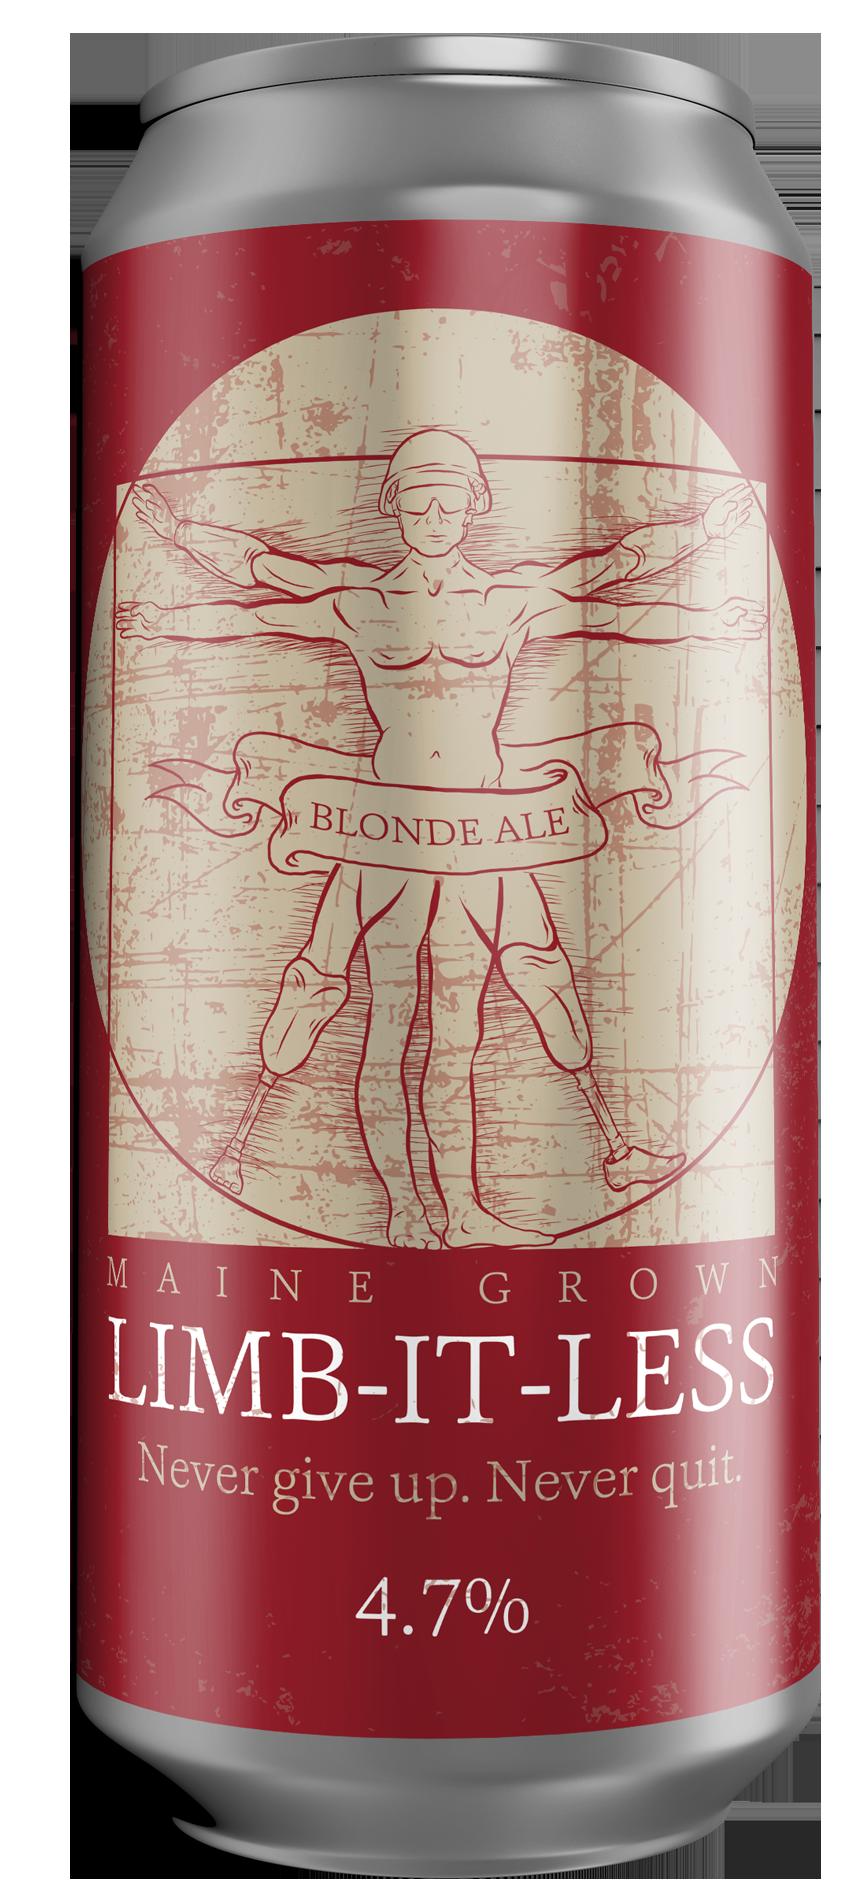 Limb-It-Less